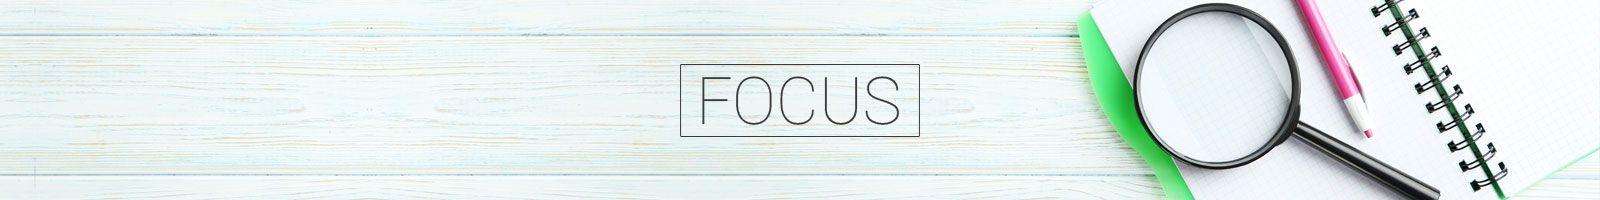 header_focus